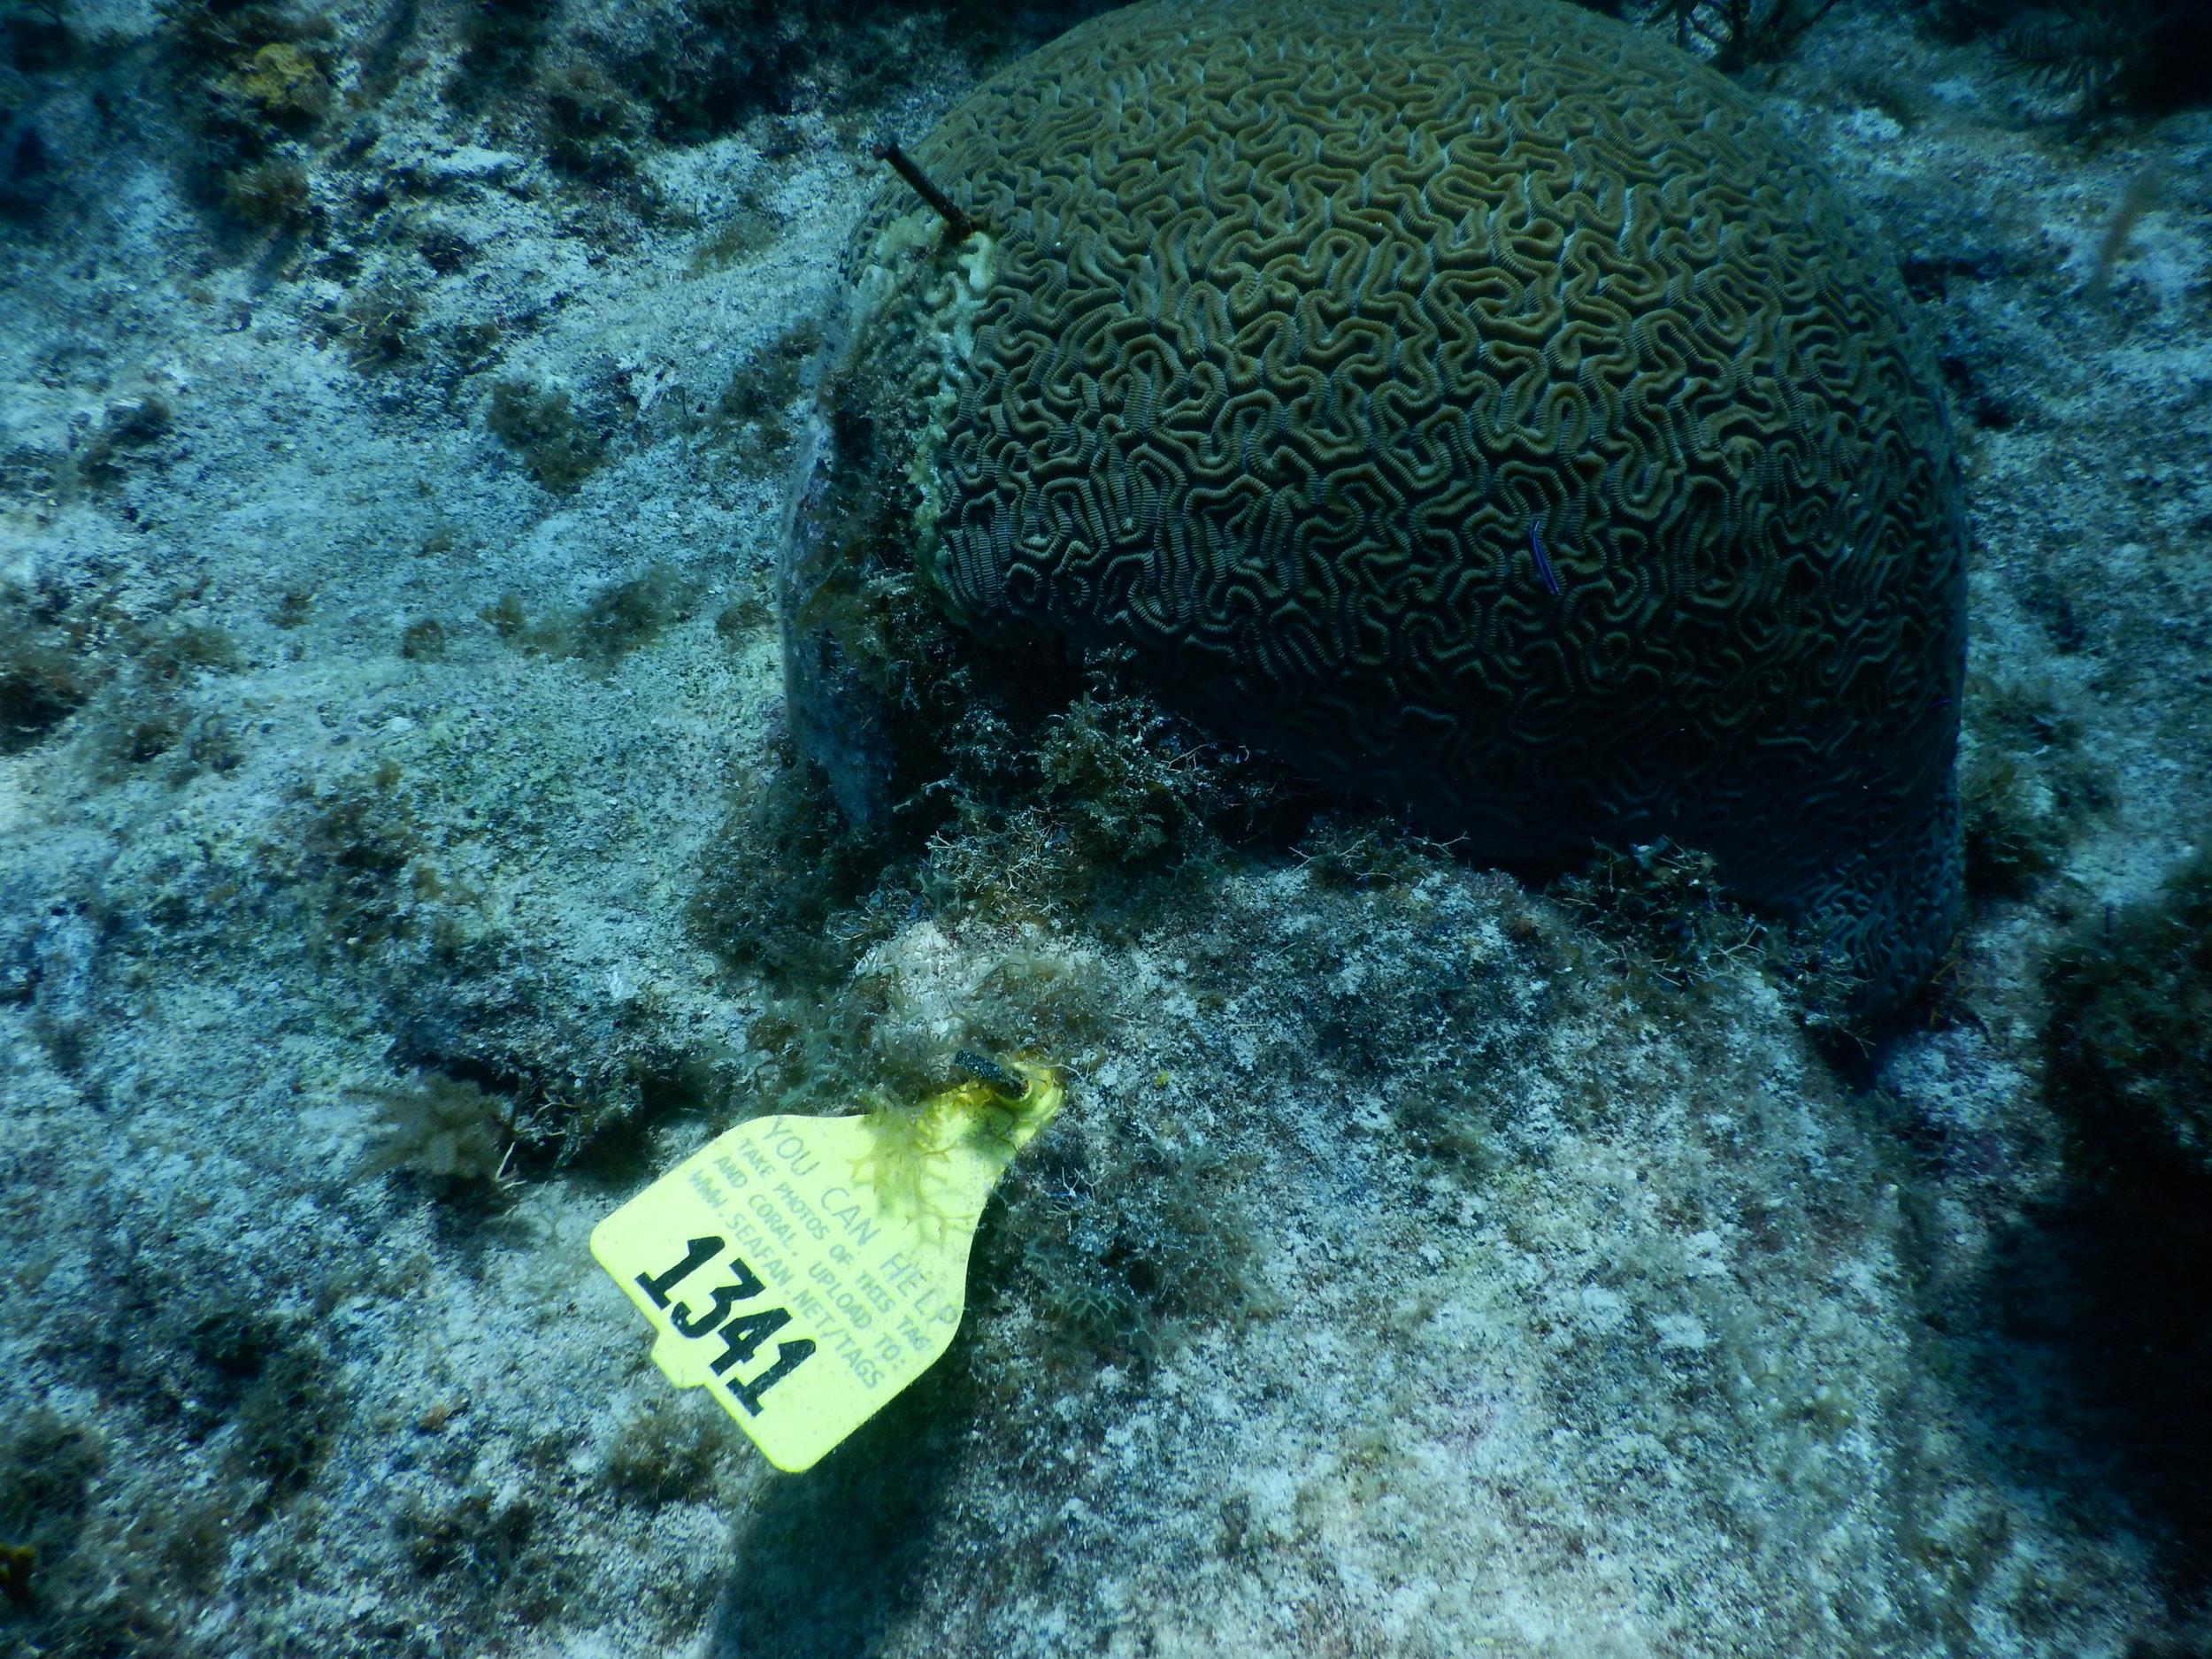 Coral_brain_tag_1341-2.JPG